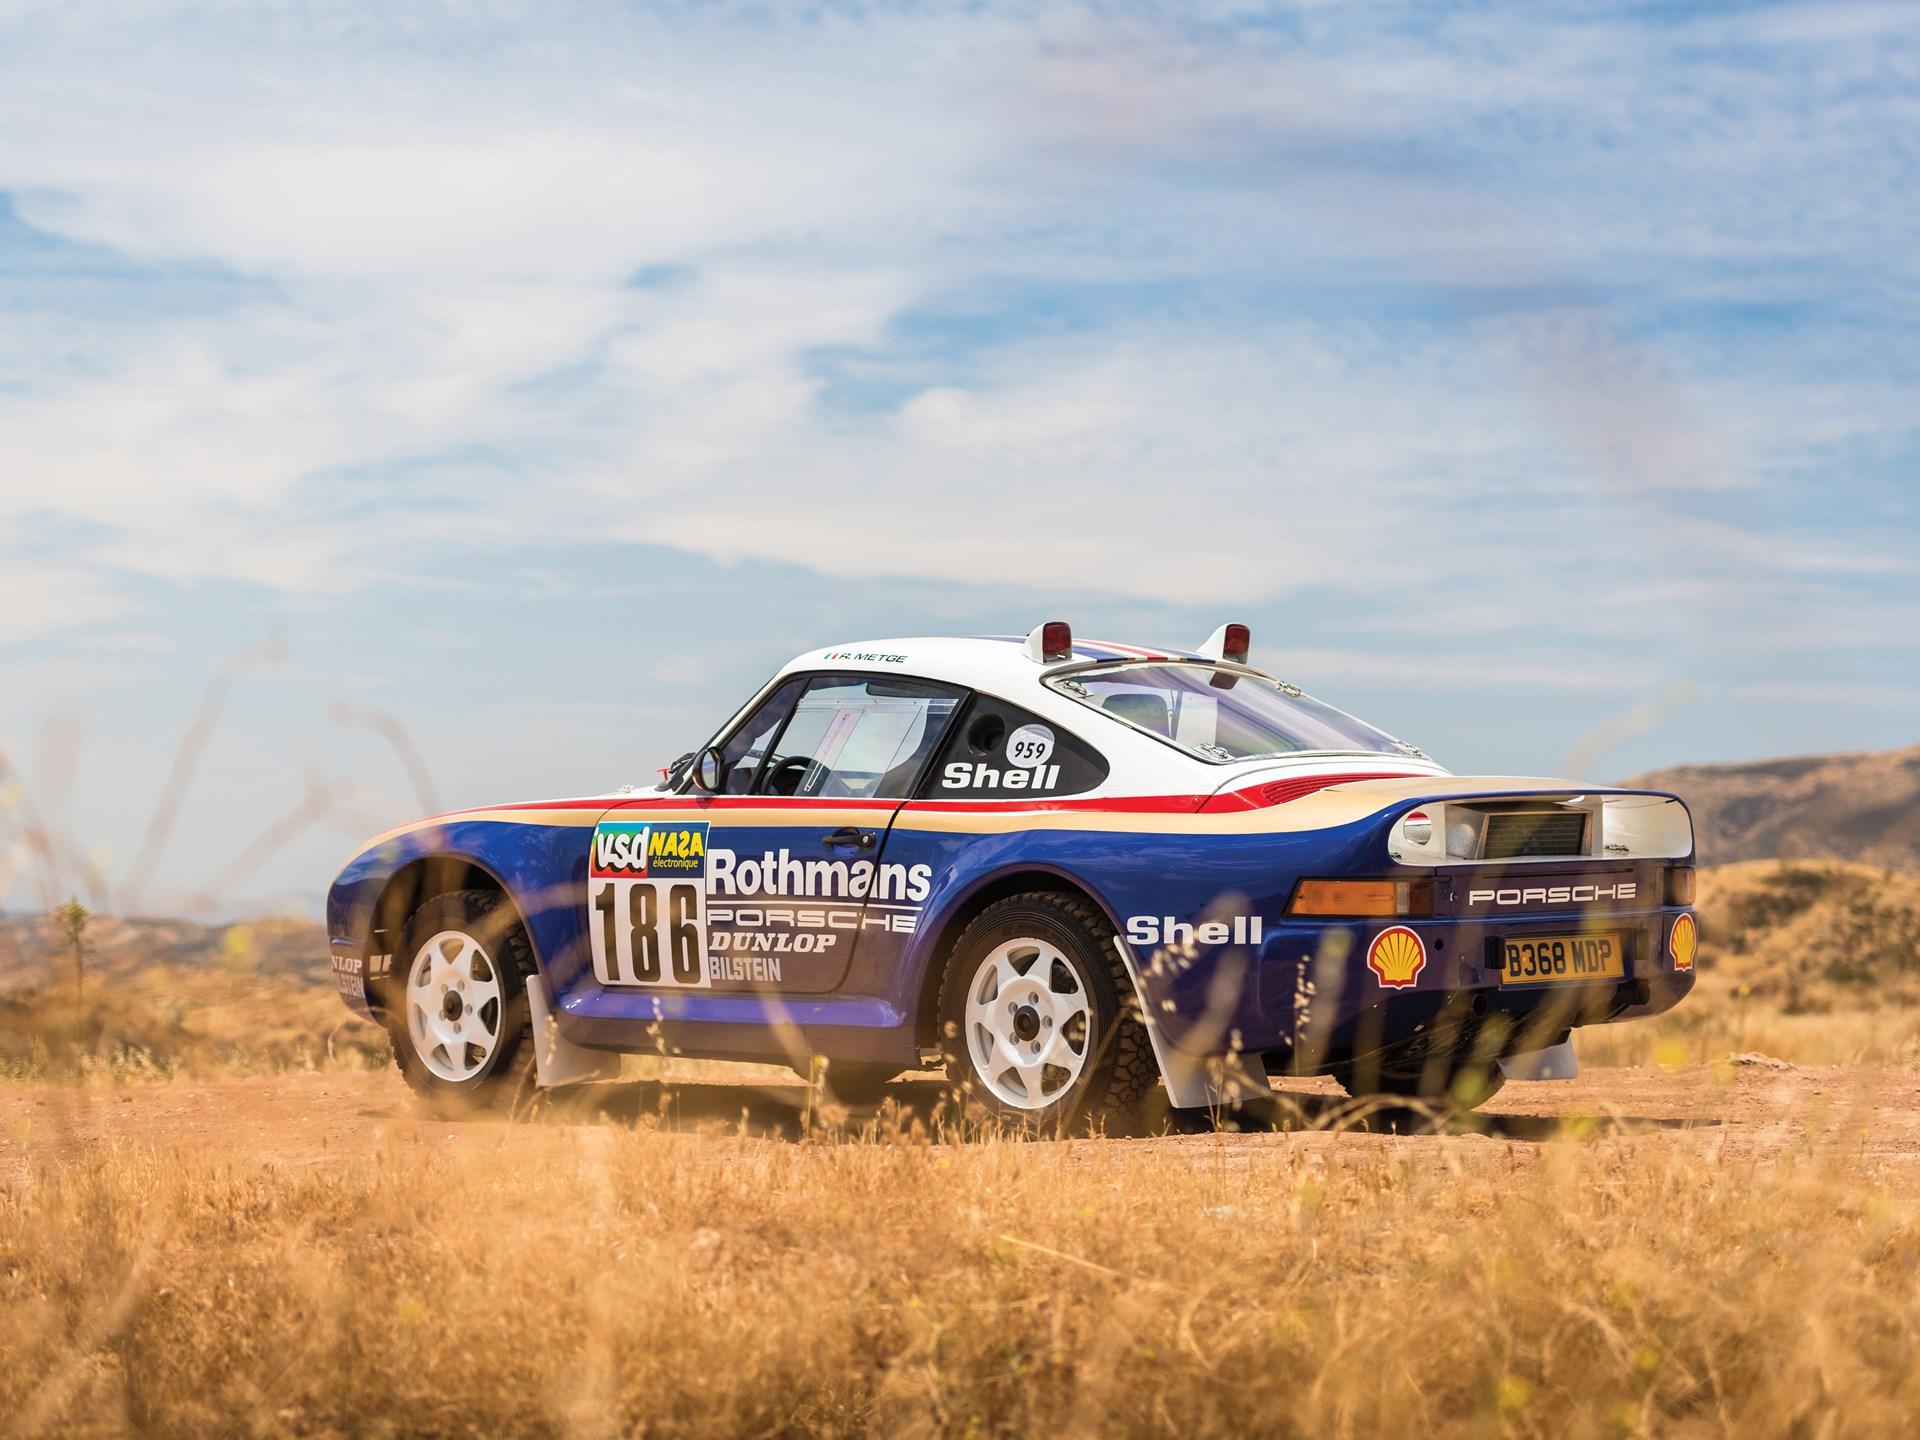 1985 Porsche 959 Paris-Dakar rear 3/4 long grass